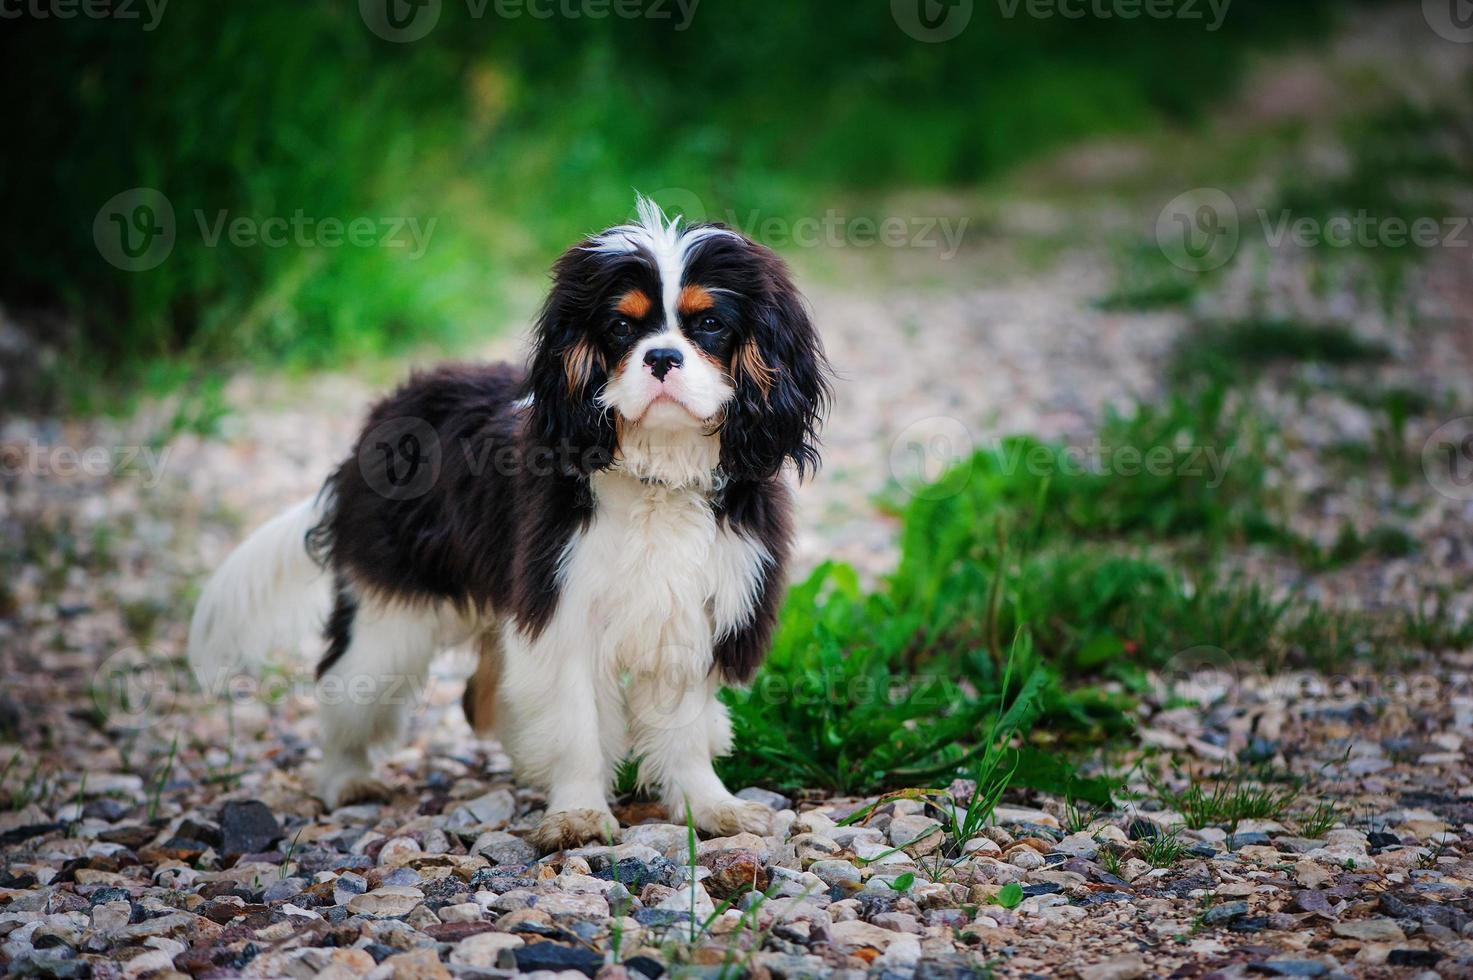 Joven macho cavalier king charles spaniel perro en el jardín de verano foto